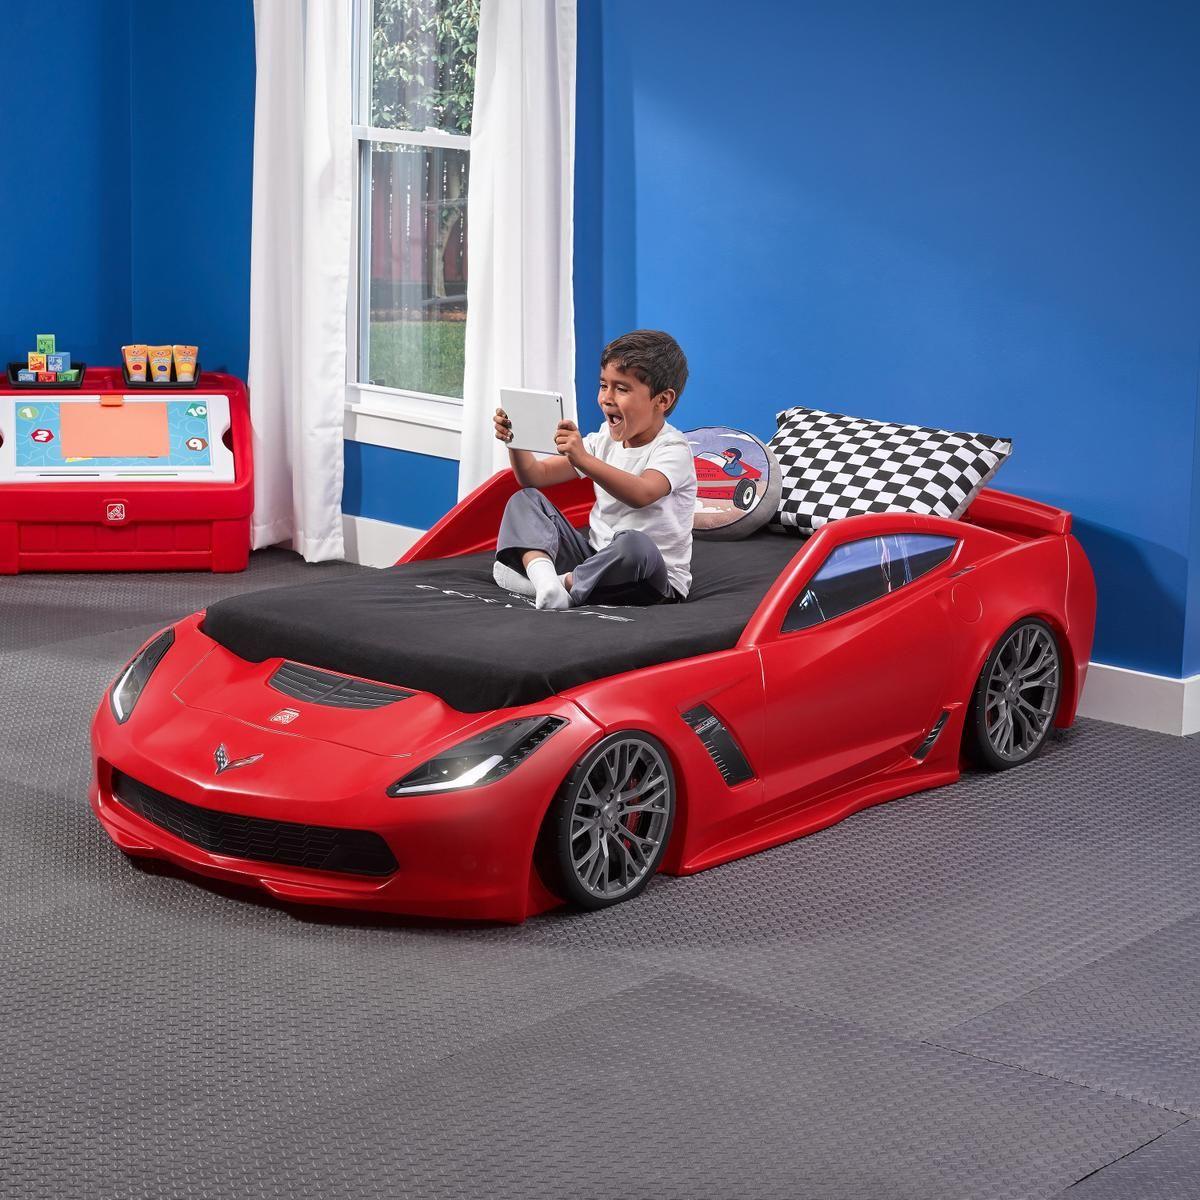 Step2 Corvette Bed Step2 Furniture Toddler Car Bed Kids Car